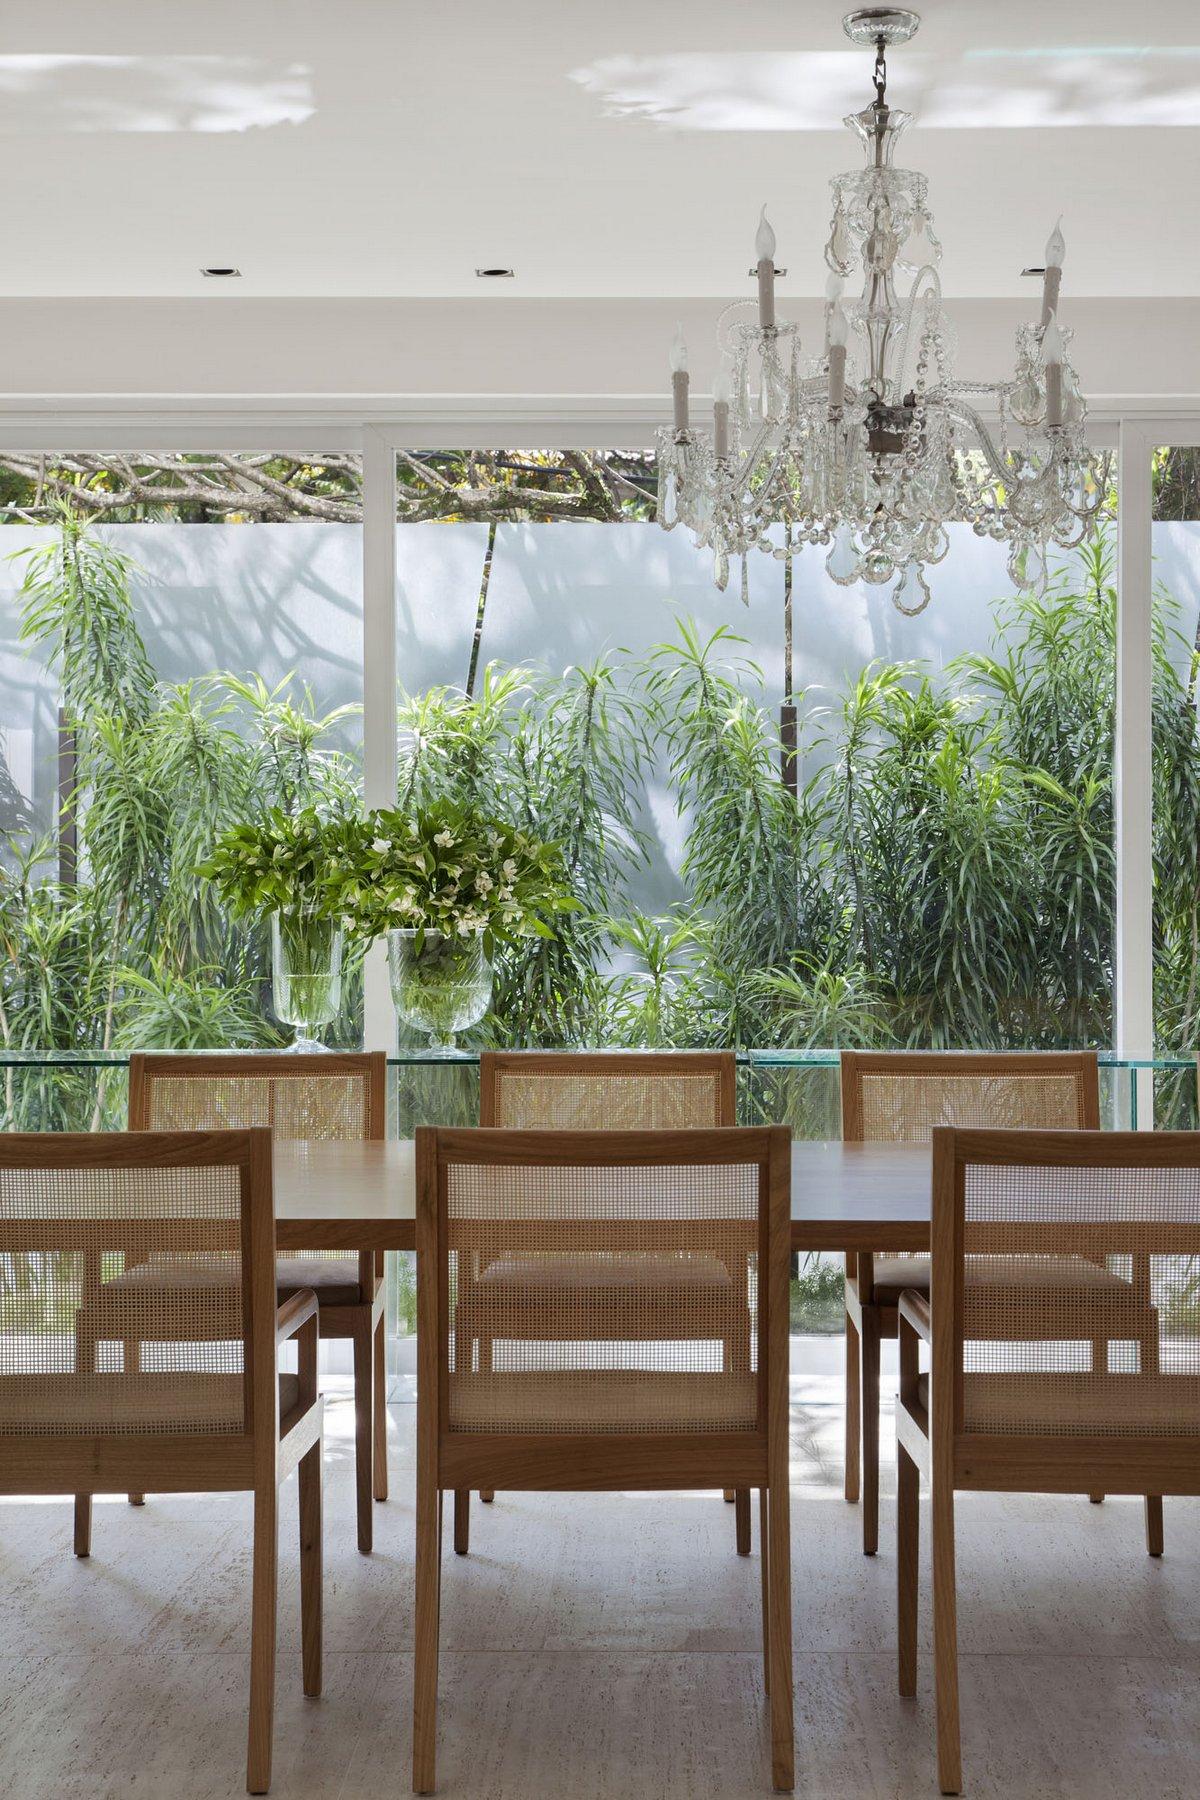 Gisele Taranto Arquitetura, Brise House, реконструкция частного дома, роскошный интерьер дома фото, обзор частного дома, элитная недвижимость в Рио